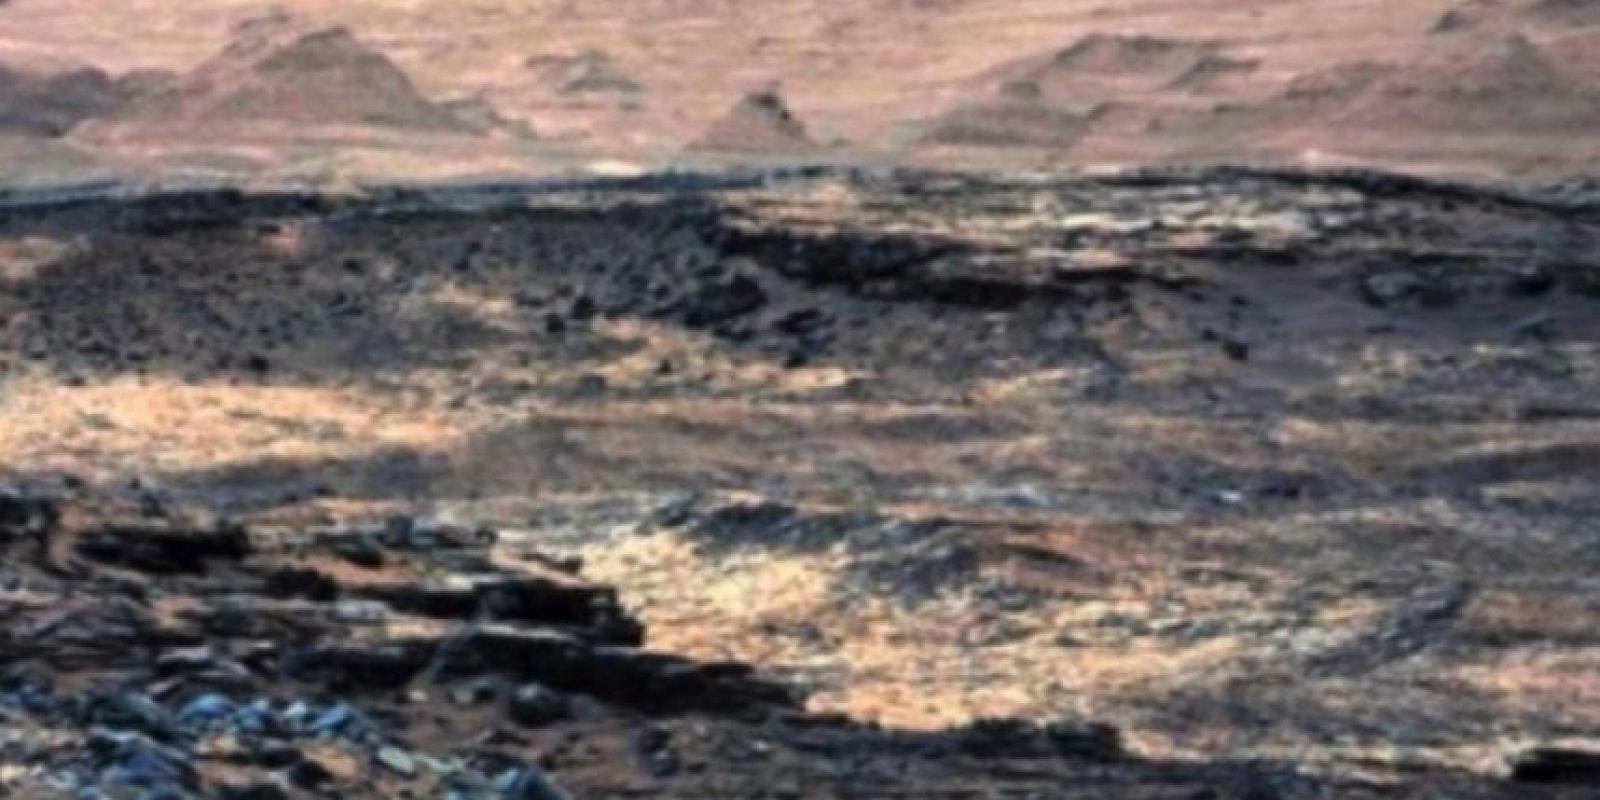 Las ruinas de una ciudad Foto:NASA